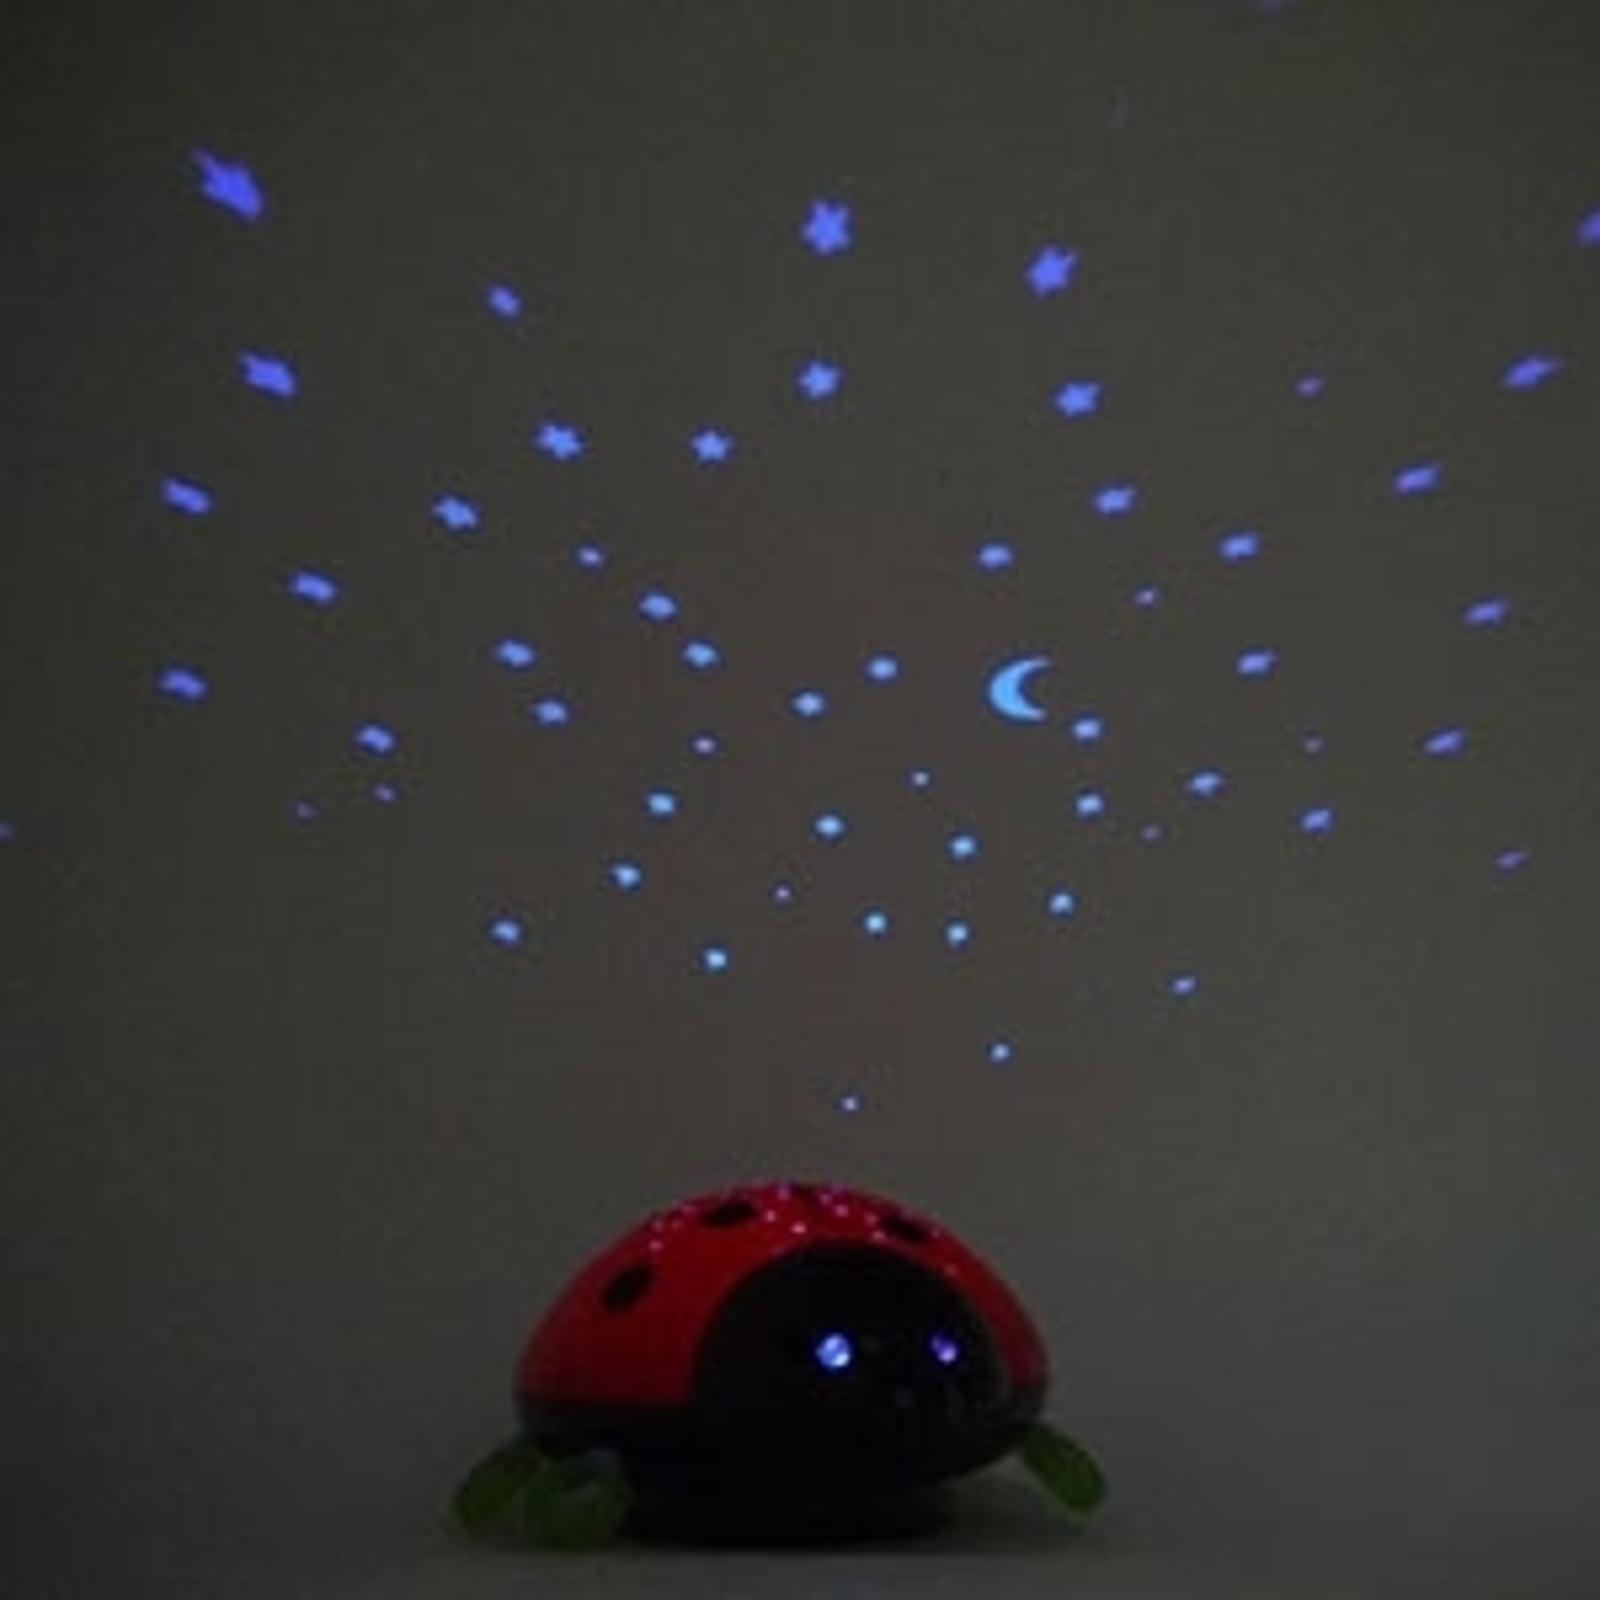 Sternenhimmel mit dem LED-Nachtlicht Beetlestar